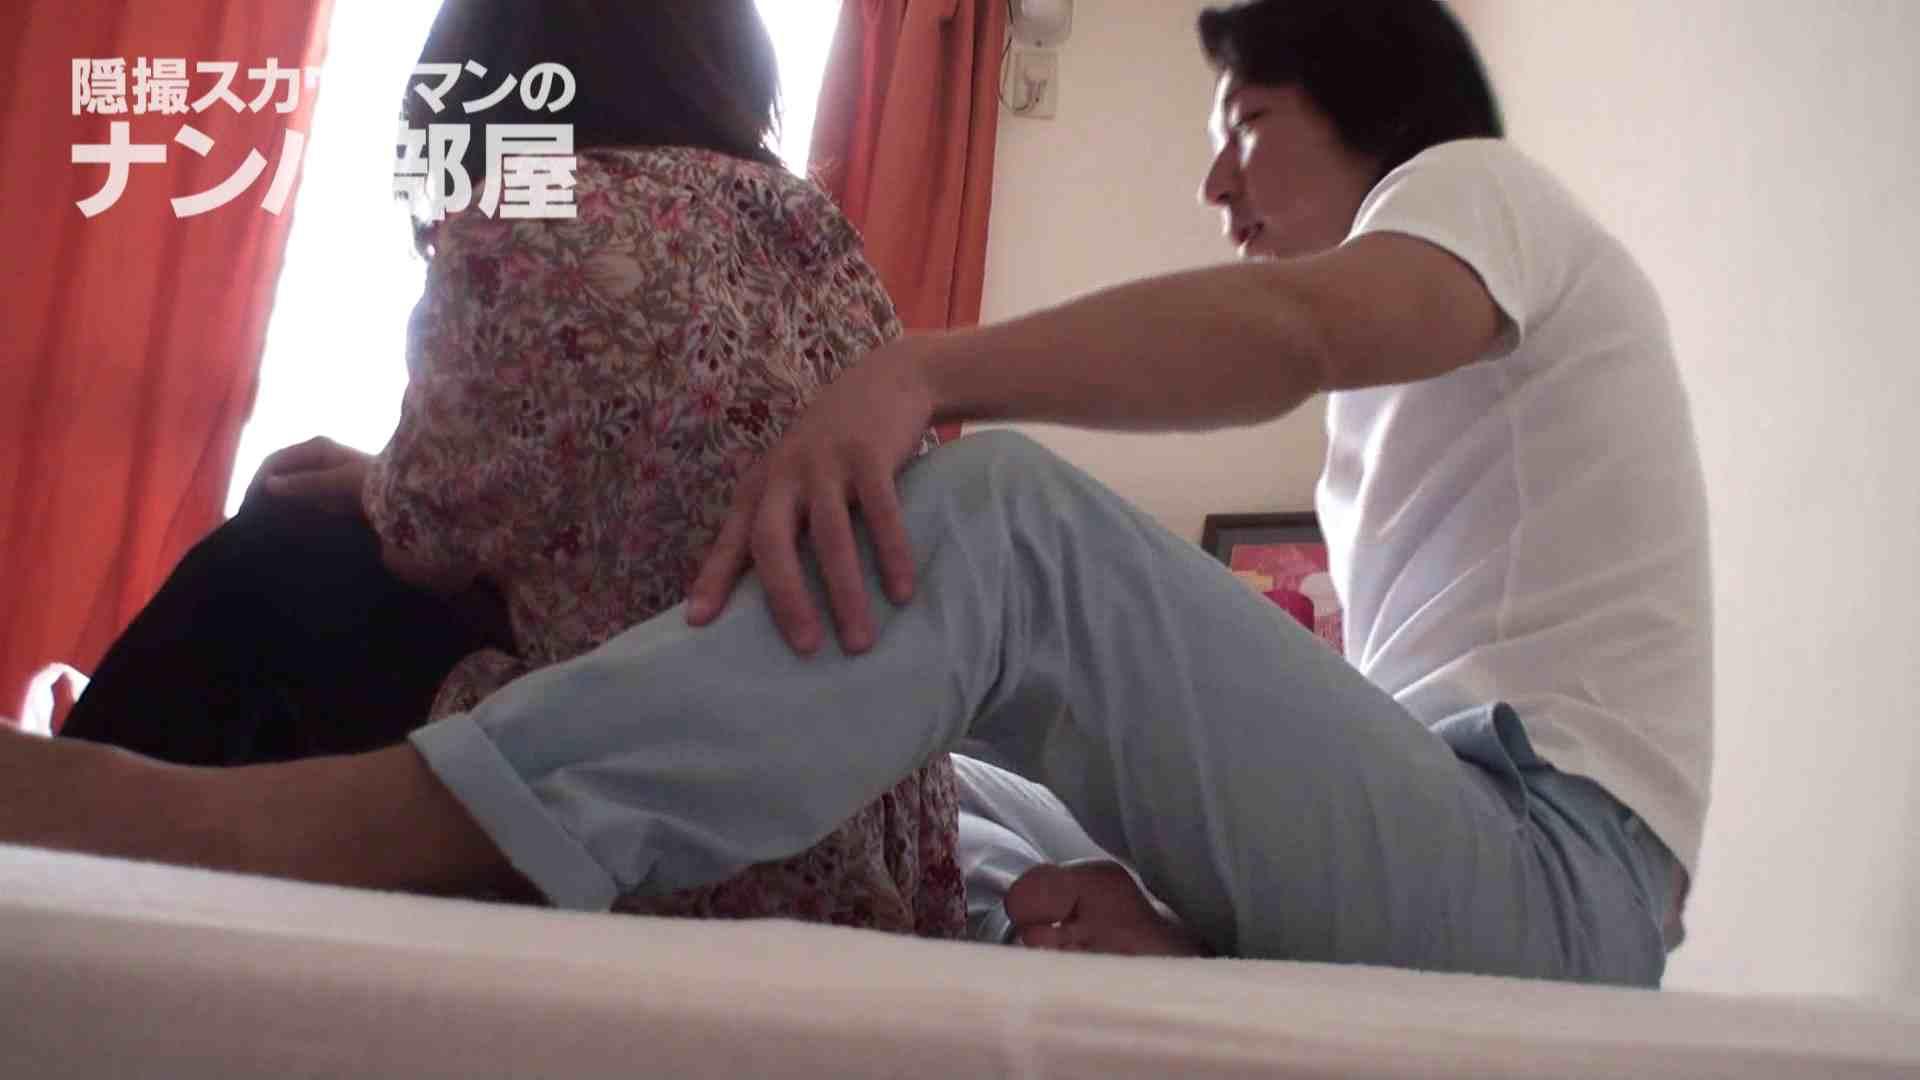 隠撮スカウトマンのナンパ部屋~風俗デビュー前のつまみ食い~ sii ナンパ セックス無修正動画無料 94pic 14